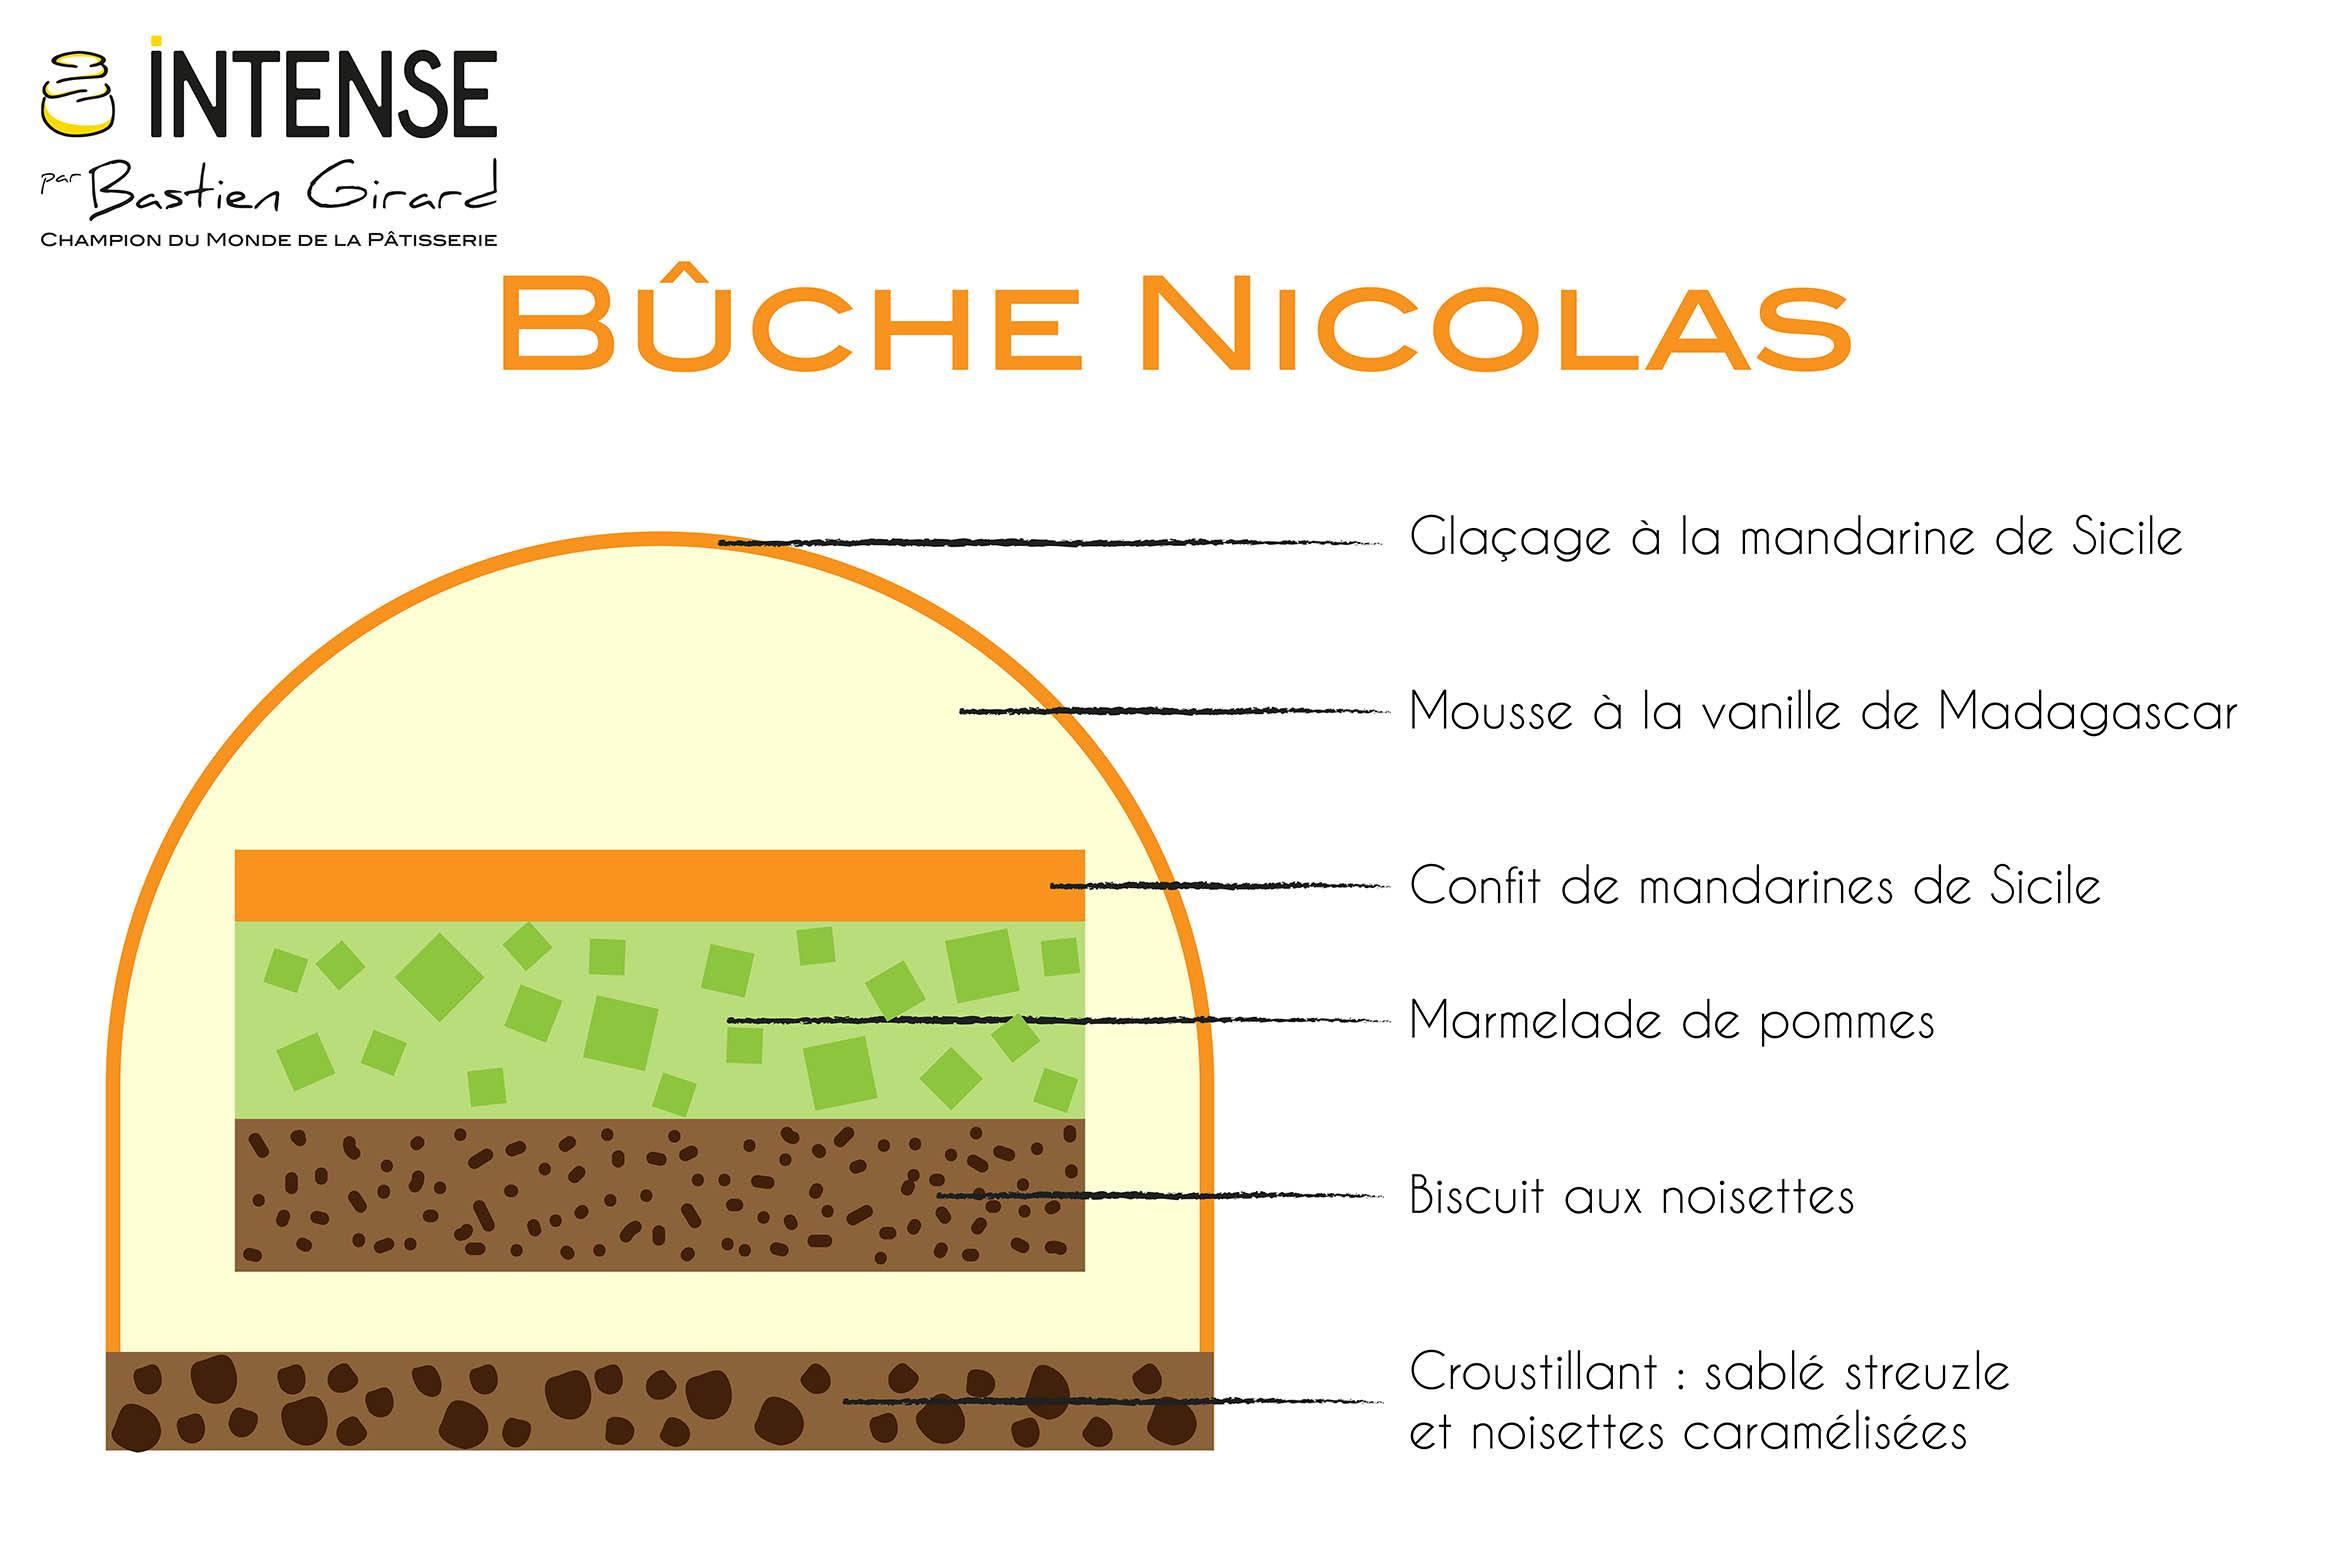 Bûcehe Nicolas